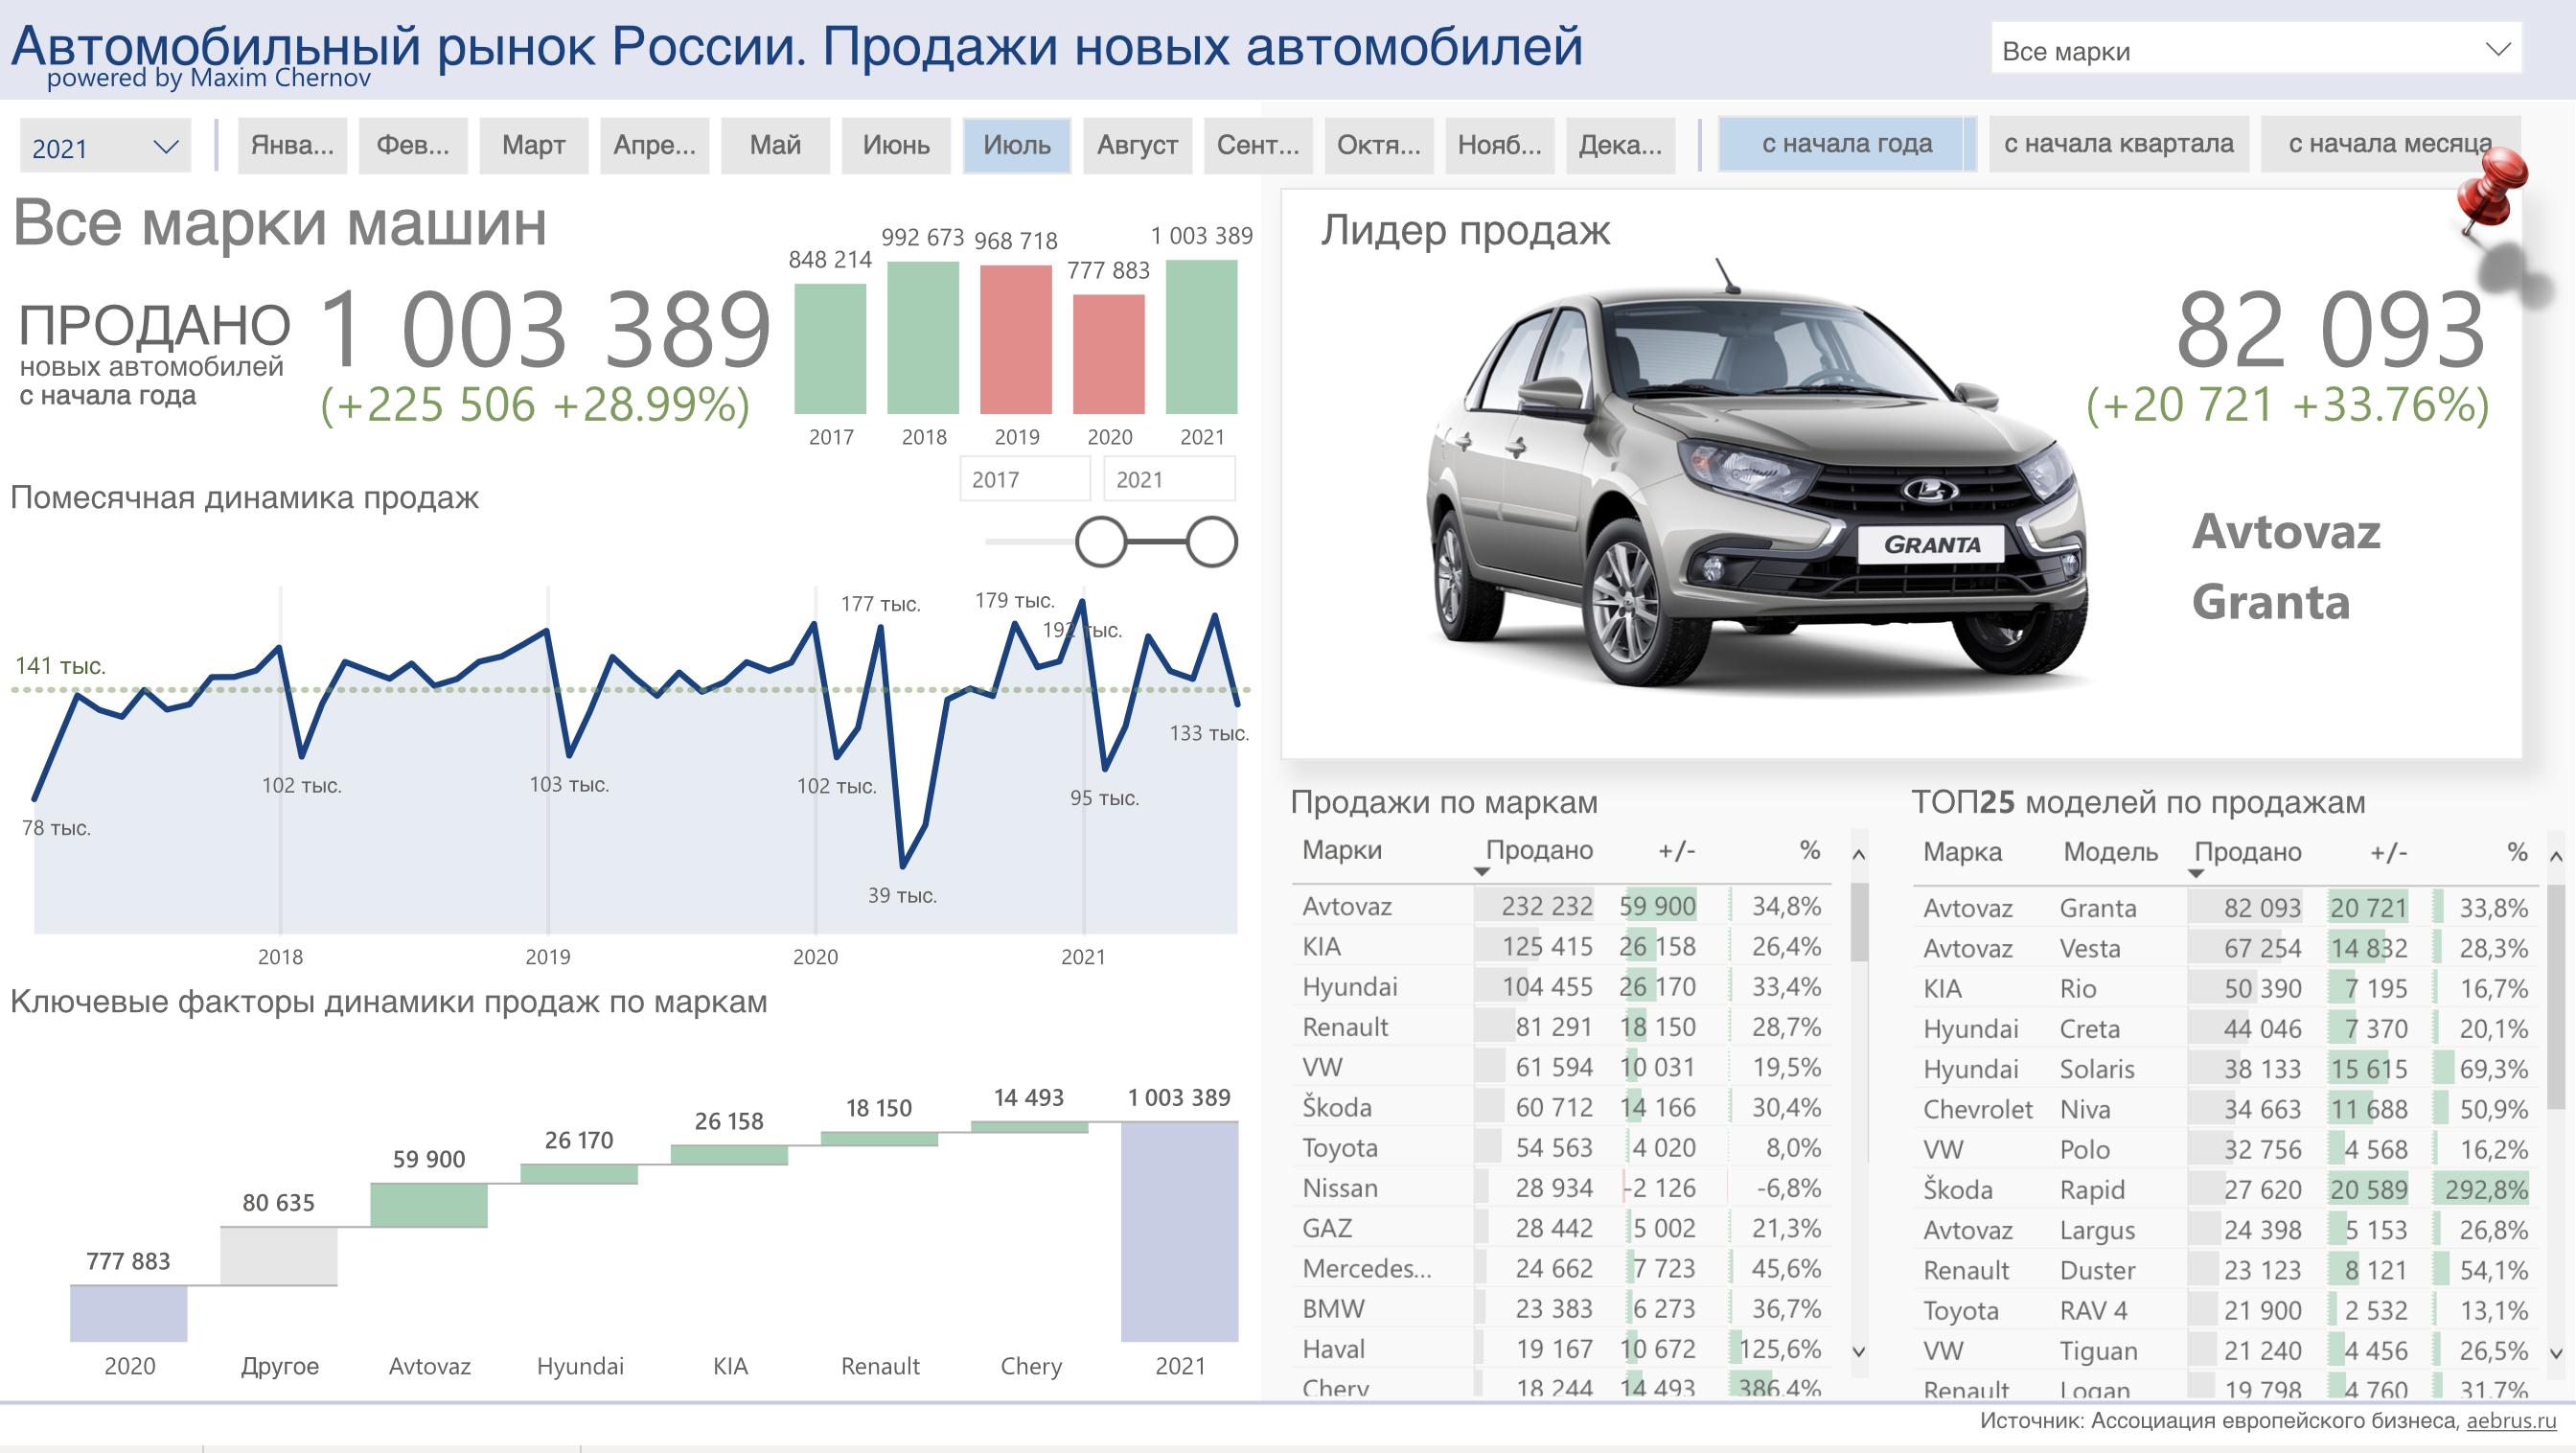 Продажи новых автомобилей в России в июле: минус 6,5%